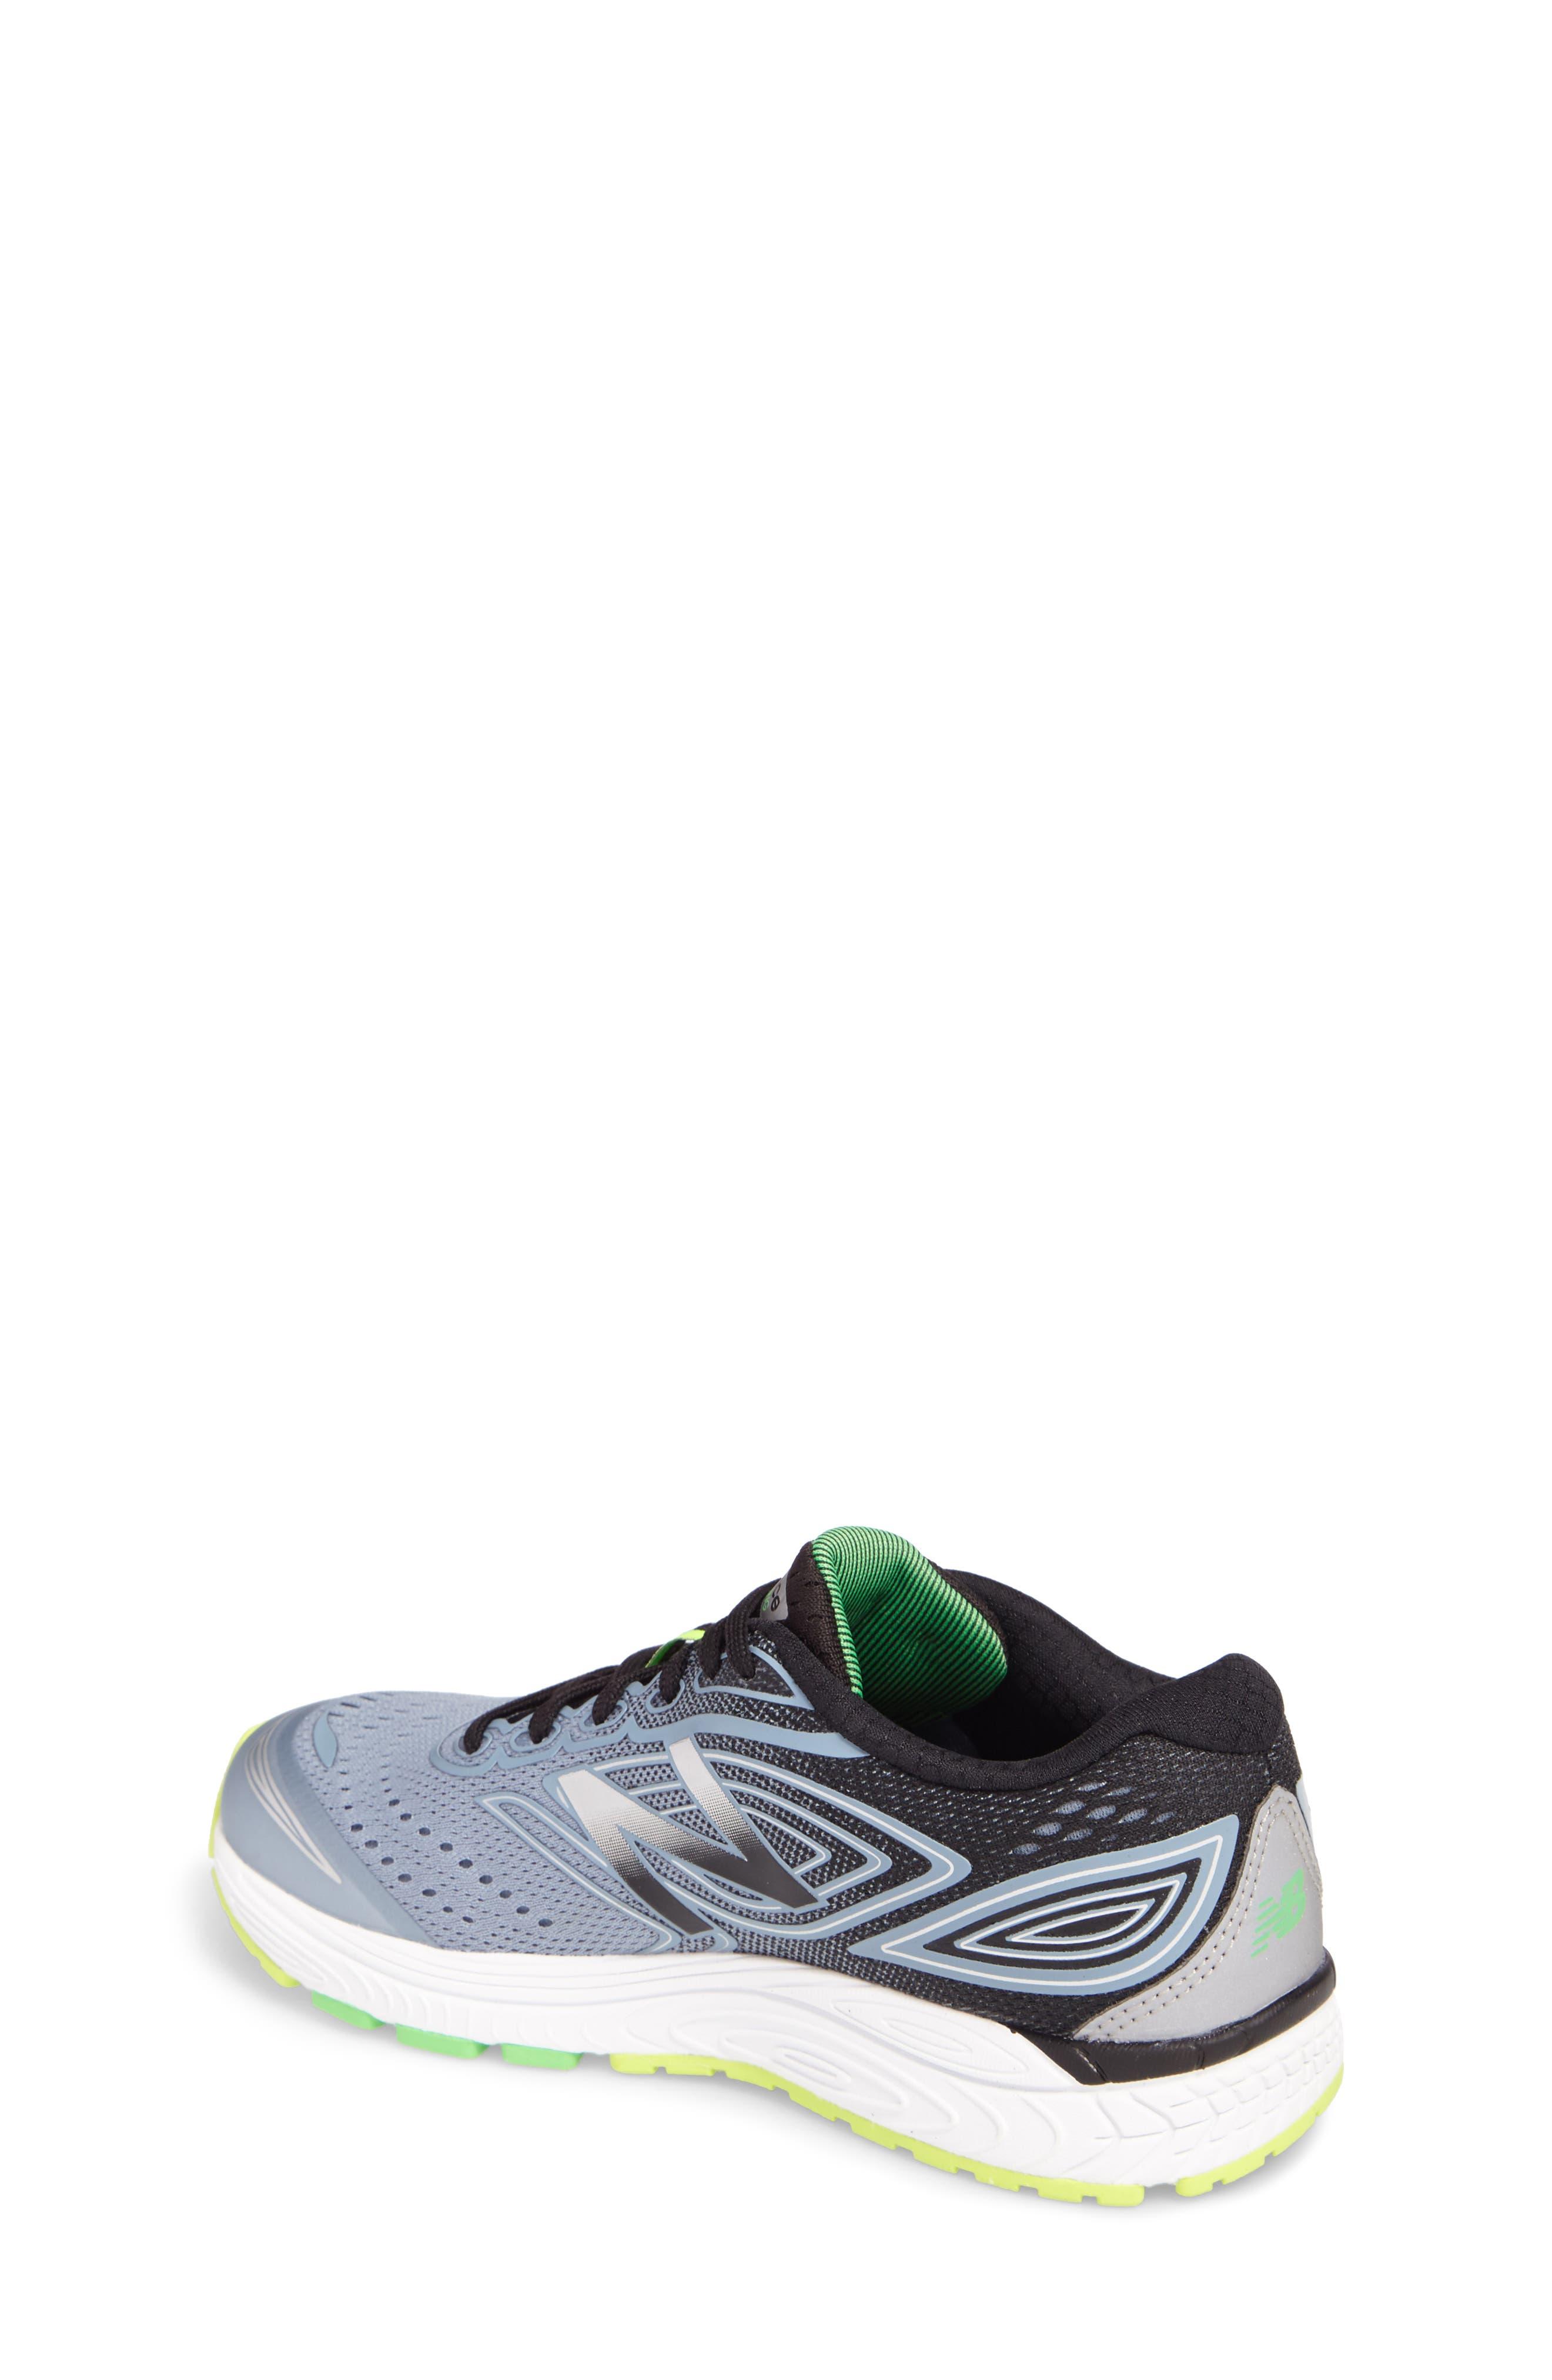 NEW BALANCE,                             880v7 Running Shoe,                             Alternate thumbnail 2, color,                             034